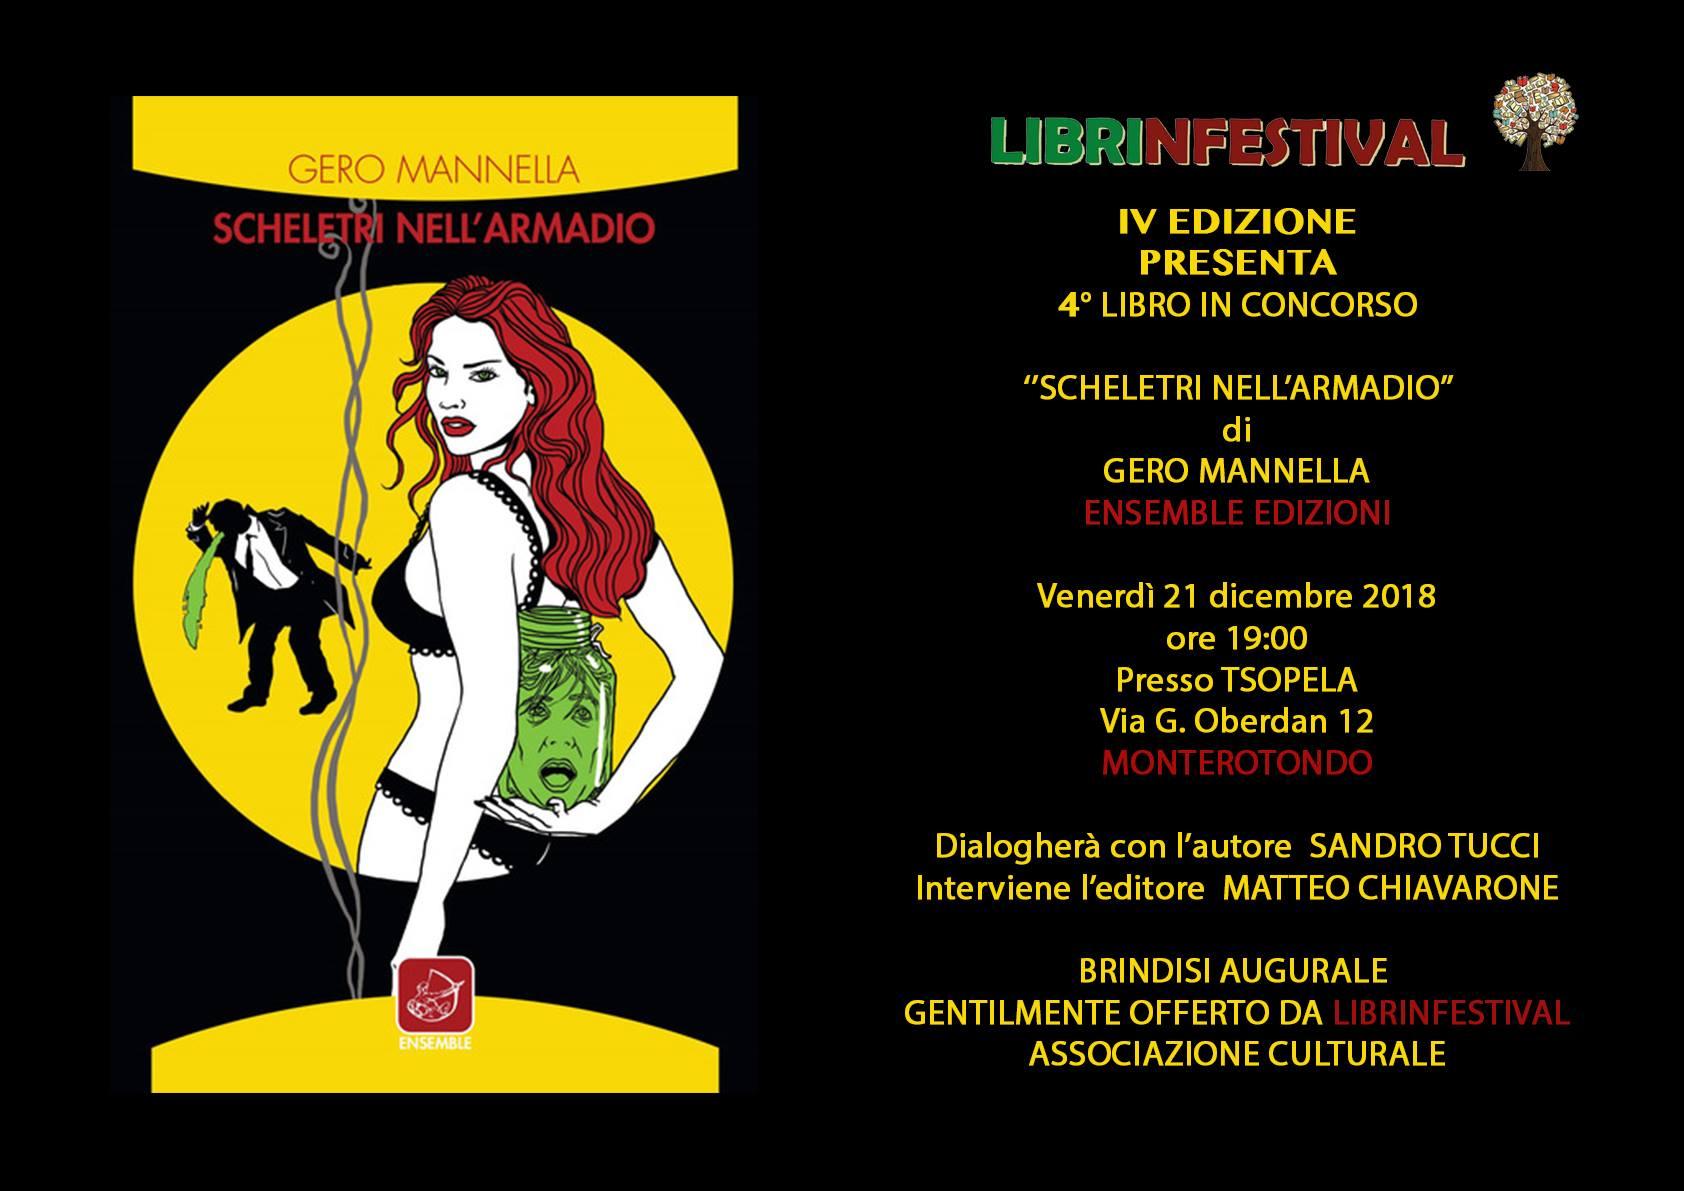 Scheletri nell'armadio, Gero Mannella, Ensemble Edizioni, Tsopela